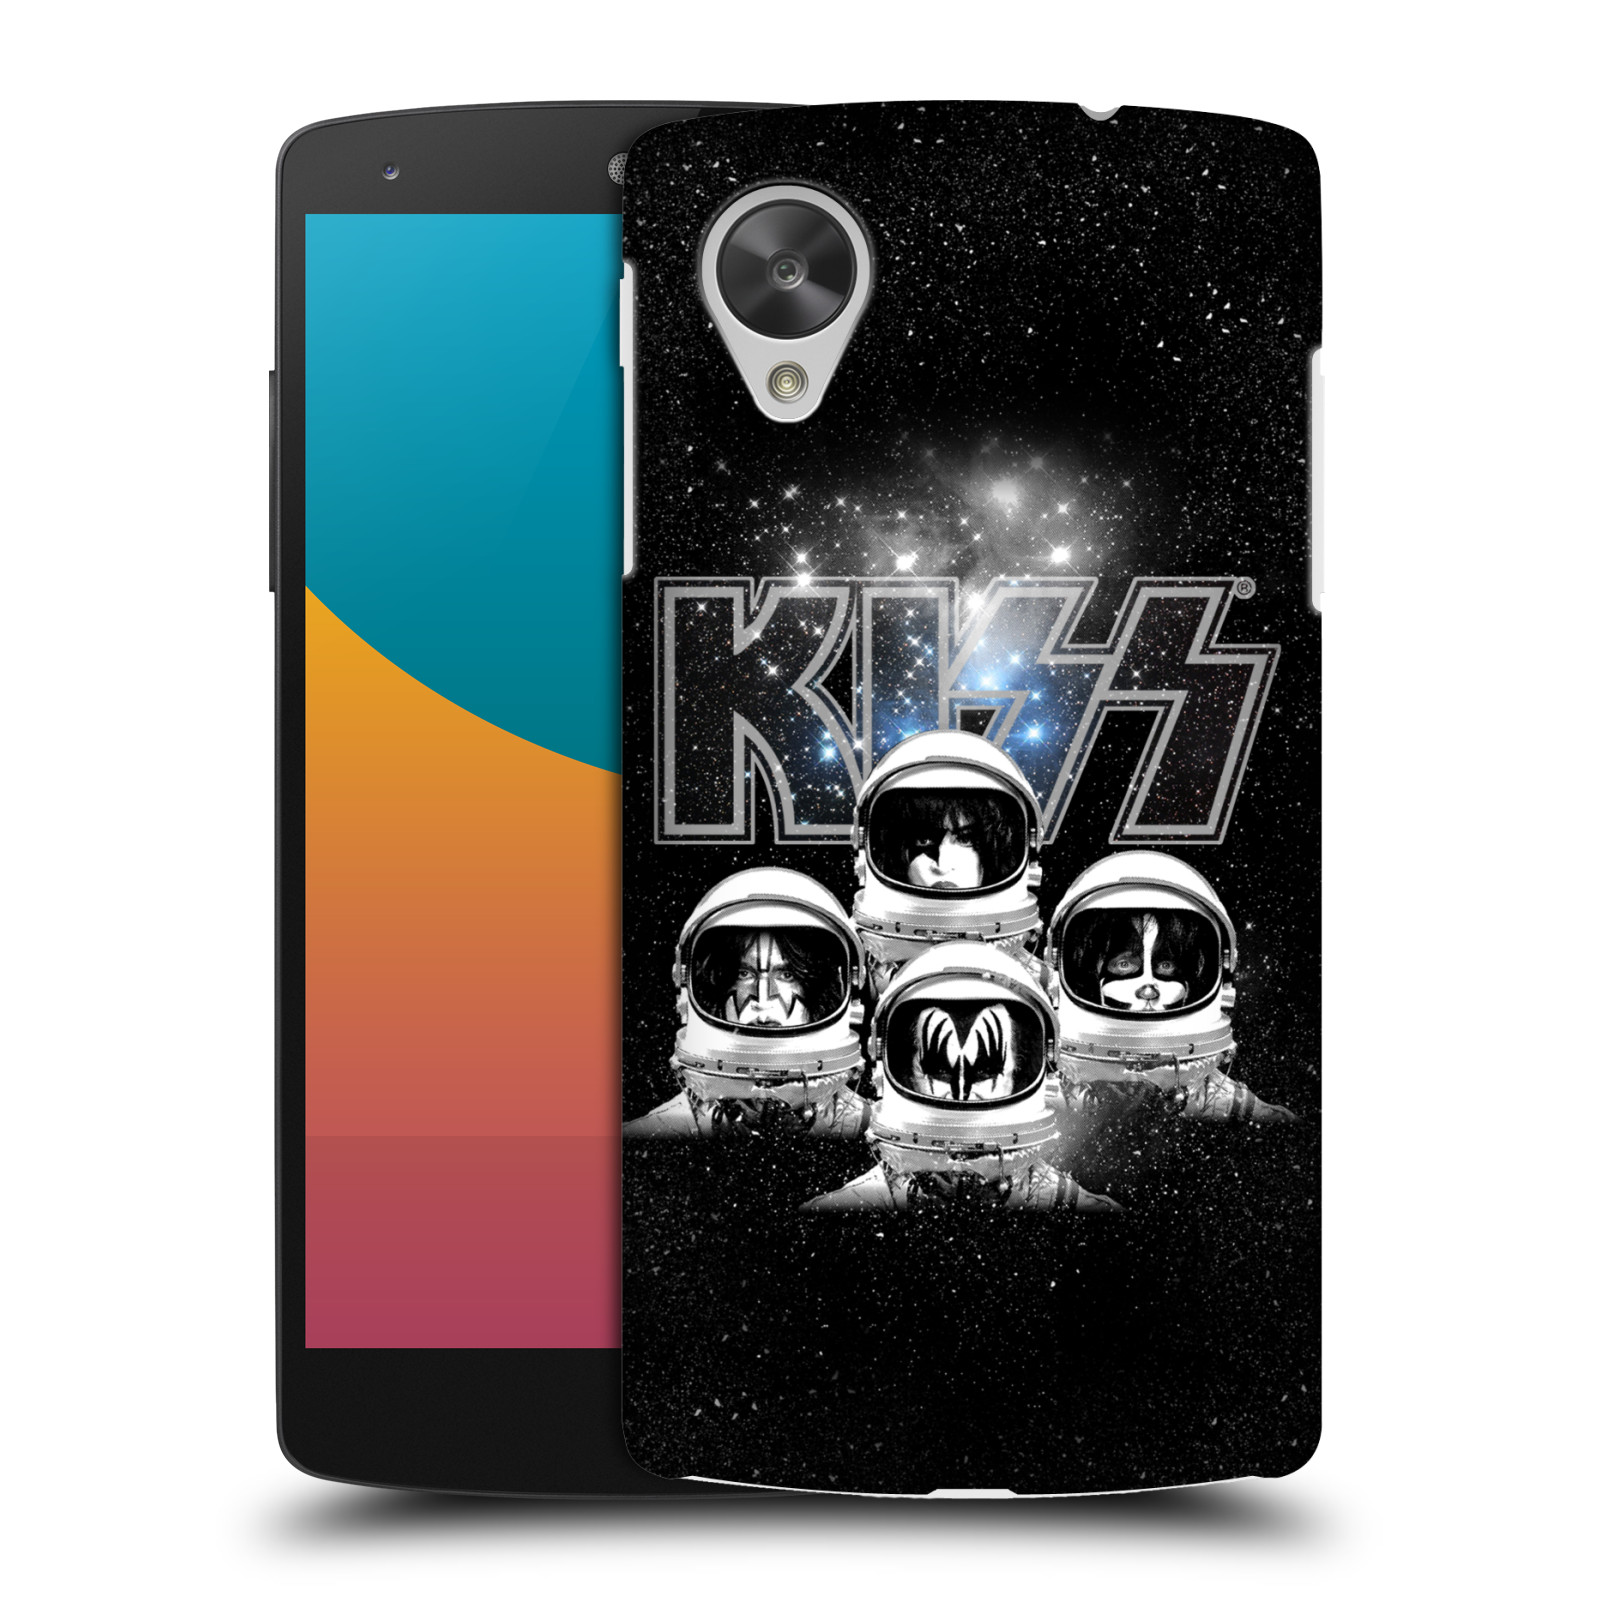 Plastové pouzdro na mobil LG Nexus 5 HEAD CASE - Kiss - Galactic (Plastový kryt či obal na mobilní telefon s licencovaným motivem Kiss pro LG Google Nexus 5 D821)